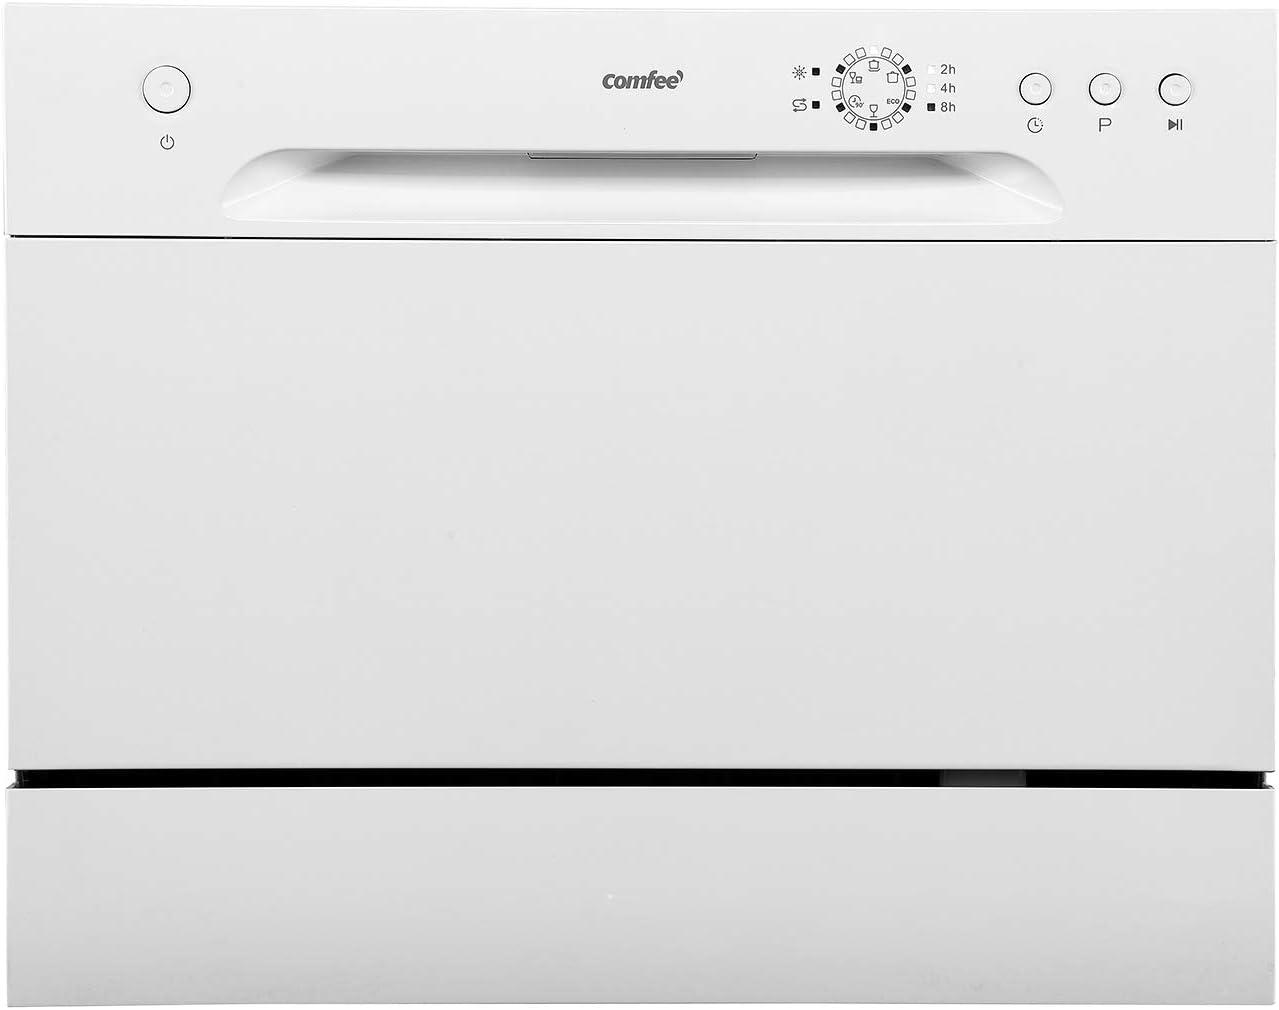 Comfee CTG 556N Lavavajillas de mesa, pequeño lavavajillas, preelección de inicio, espacio para 6 platos a medida, 6 programas de lavado, 61 kWh/100 ciclos, 1820 l/año, color blanco